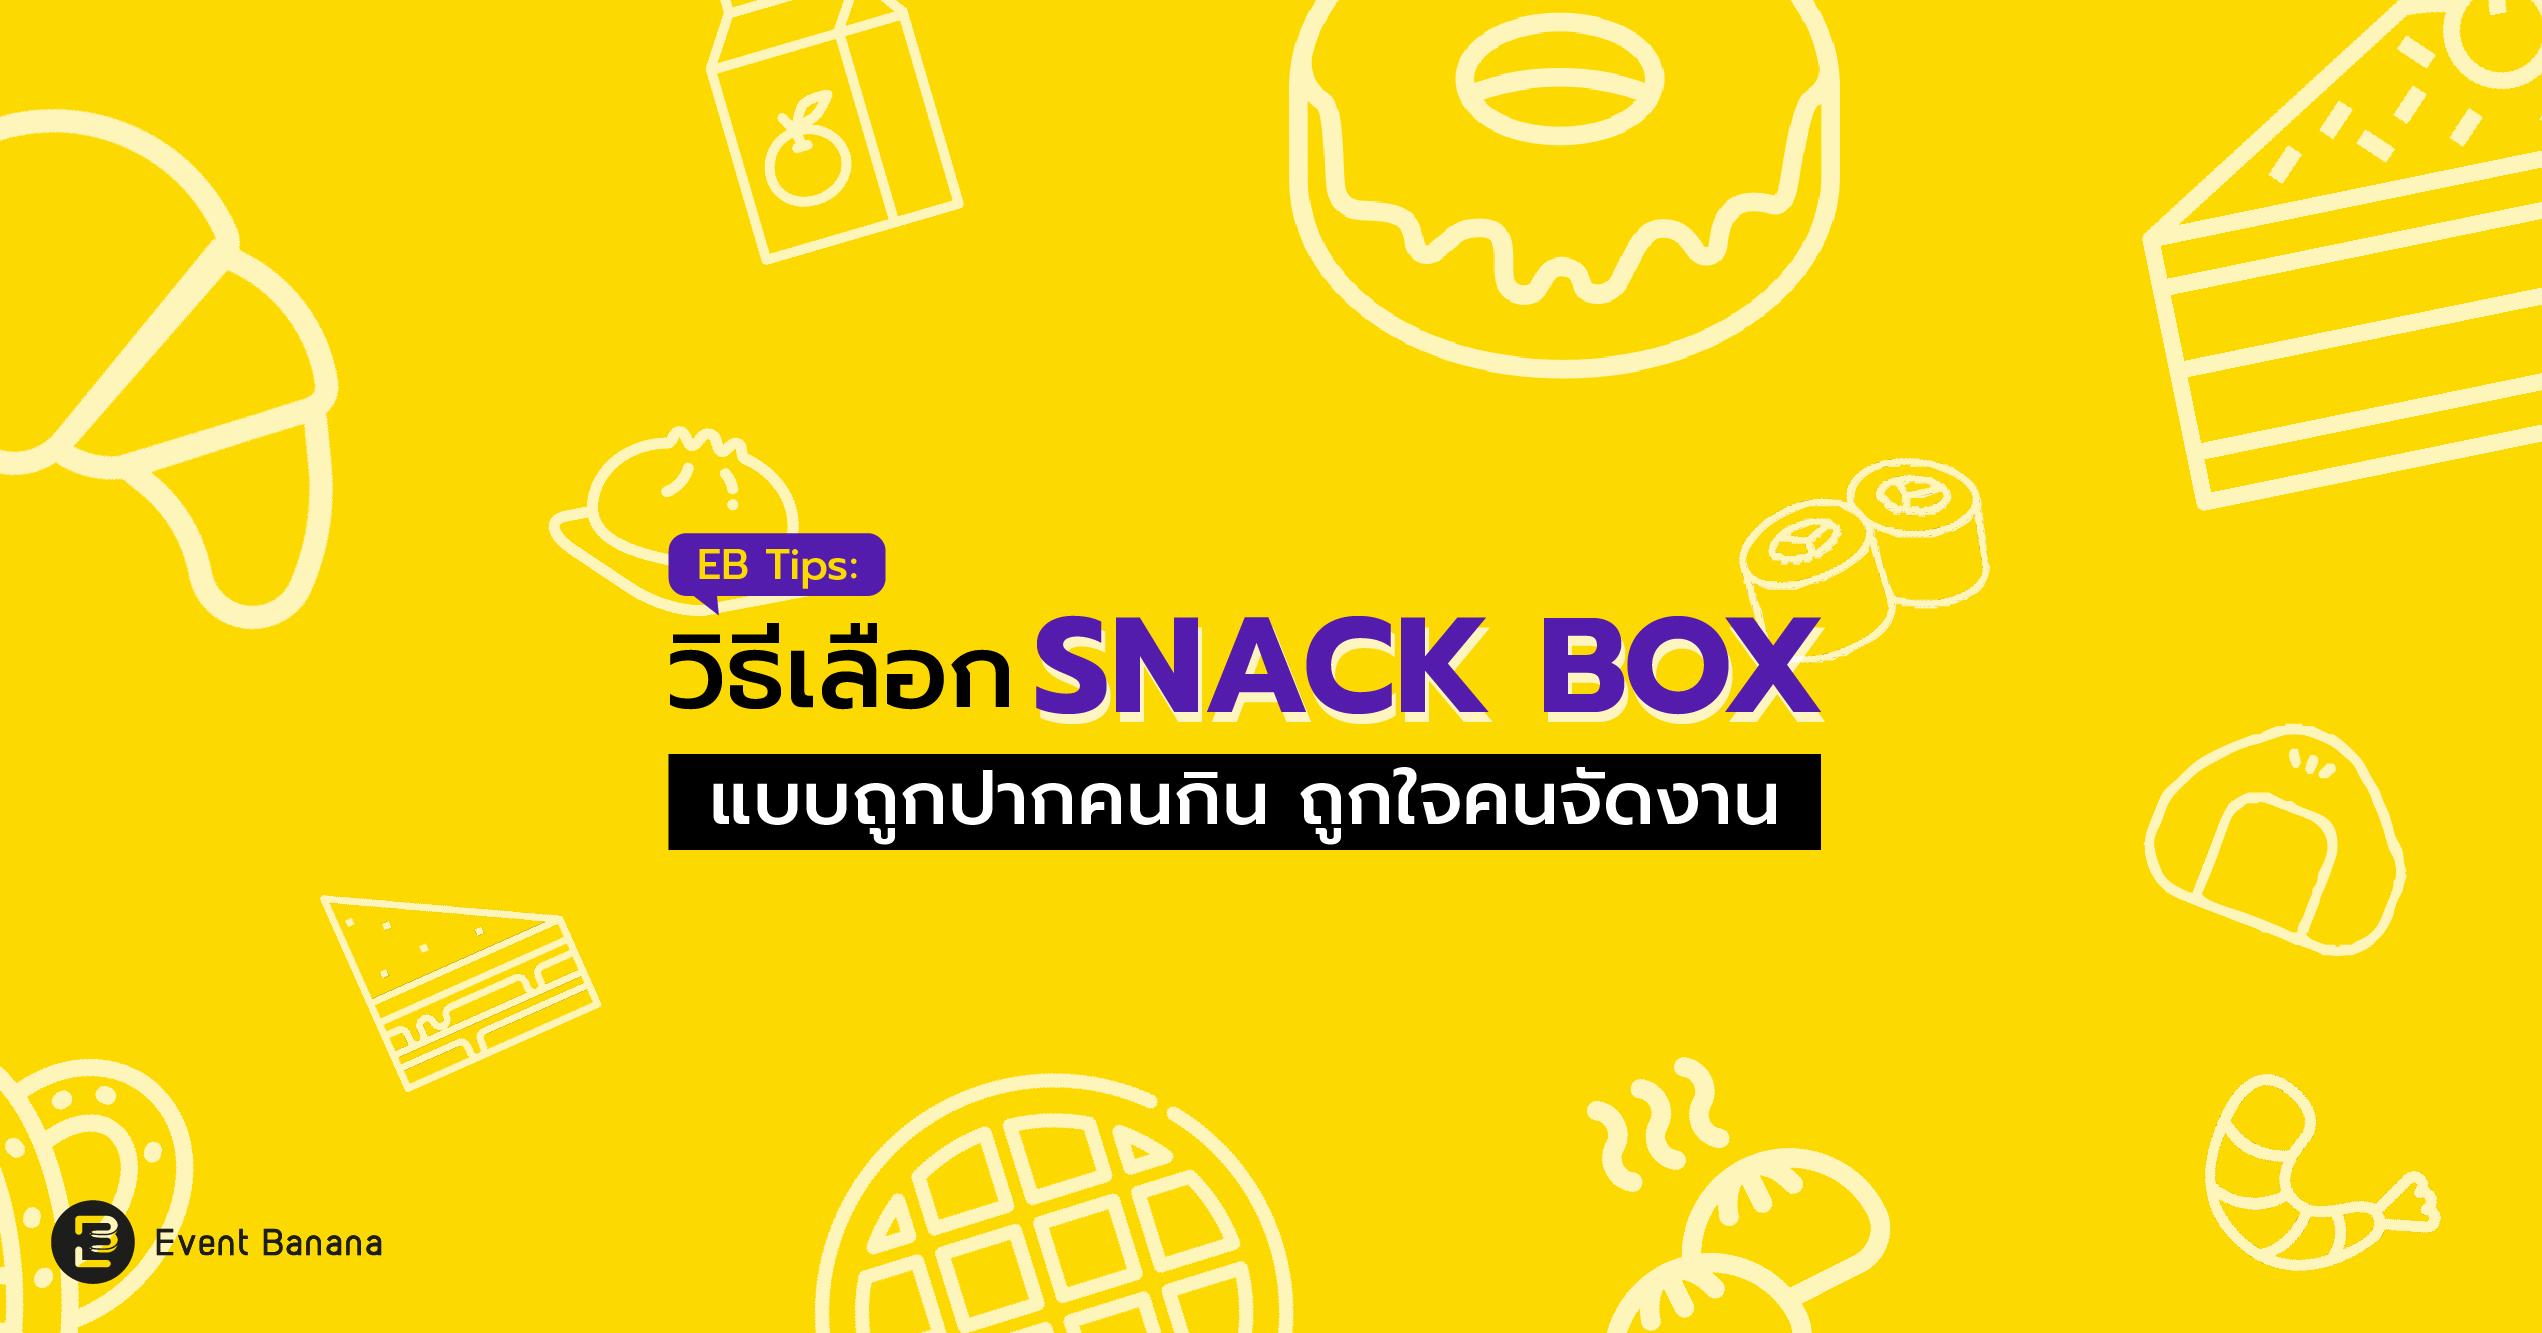 EB Tips: จัดเบรคให้โดนใจ! วิธีเลือก Snack Box แบบถูกปากคนกิน ถูกใจคนจัดงาน